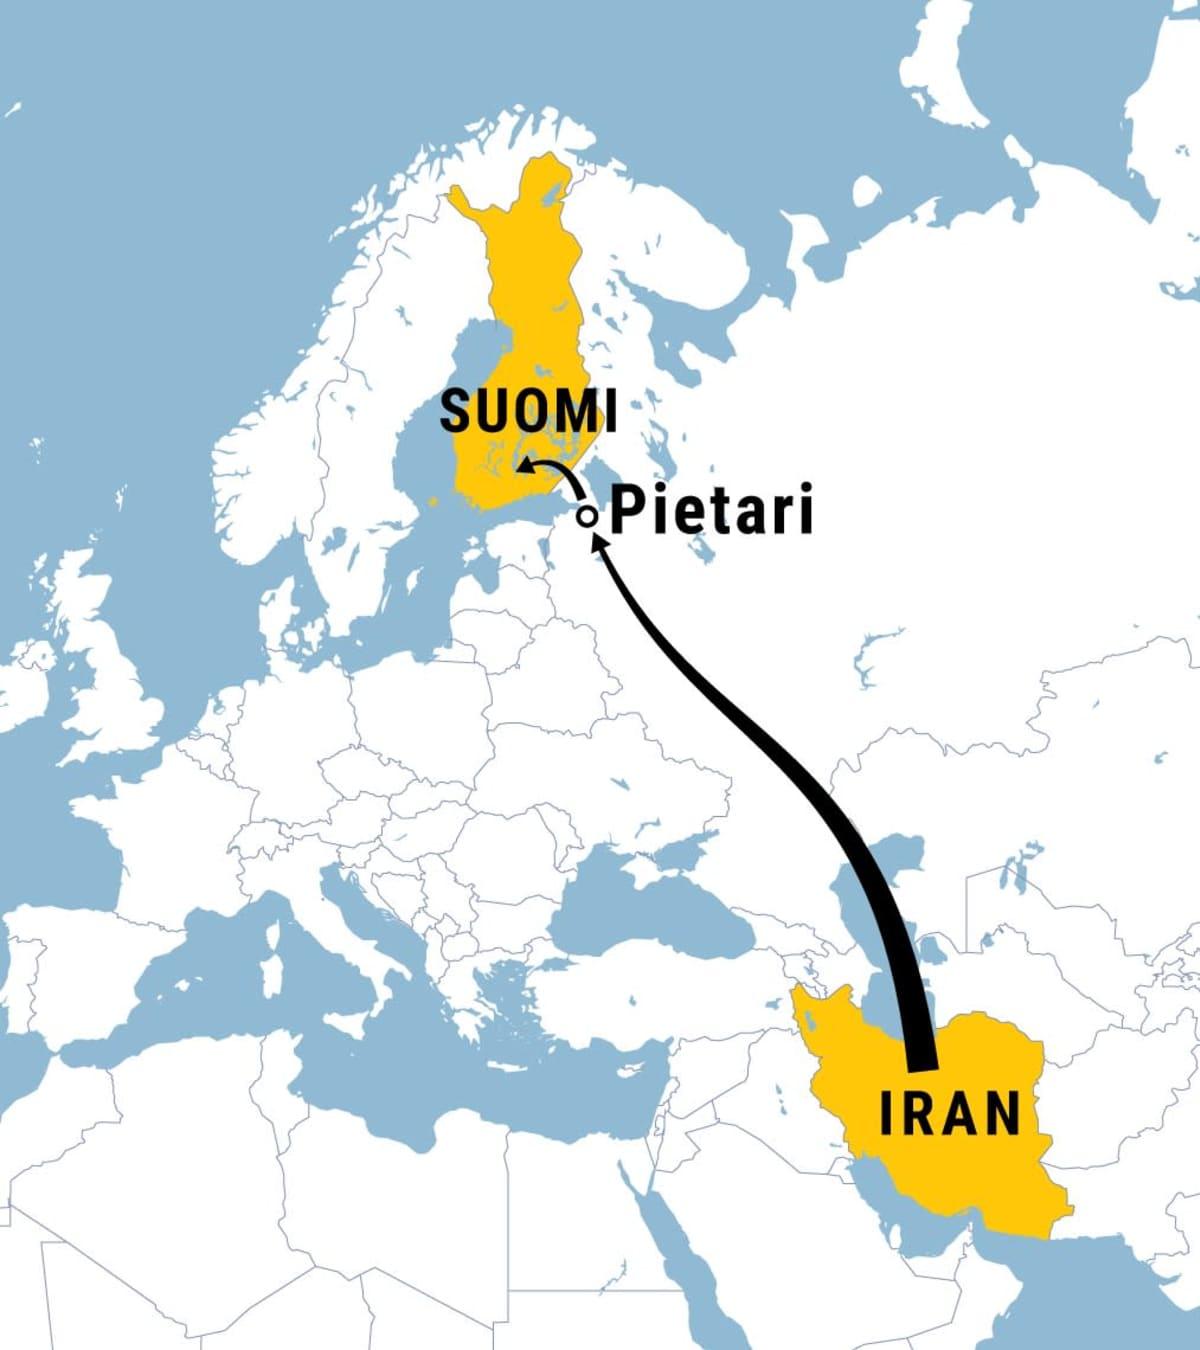 Kartta, jossa kuvattu nuolella reitti Iranista Pietarin kautta Suomeen